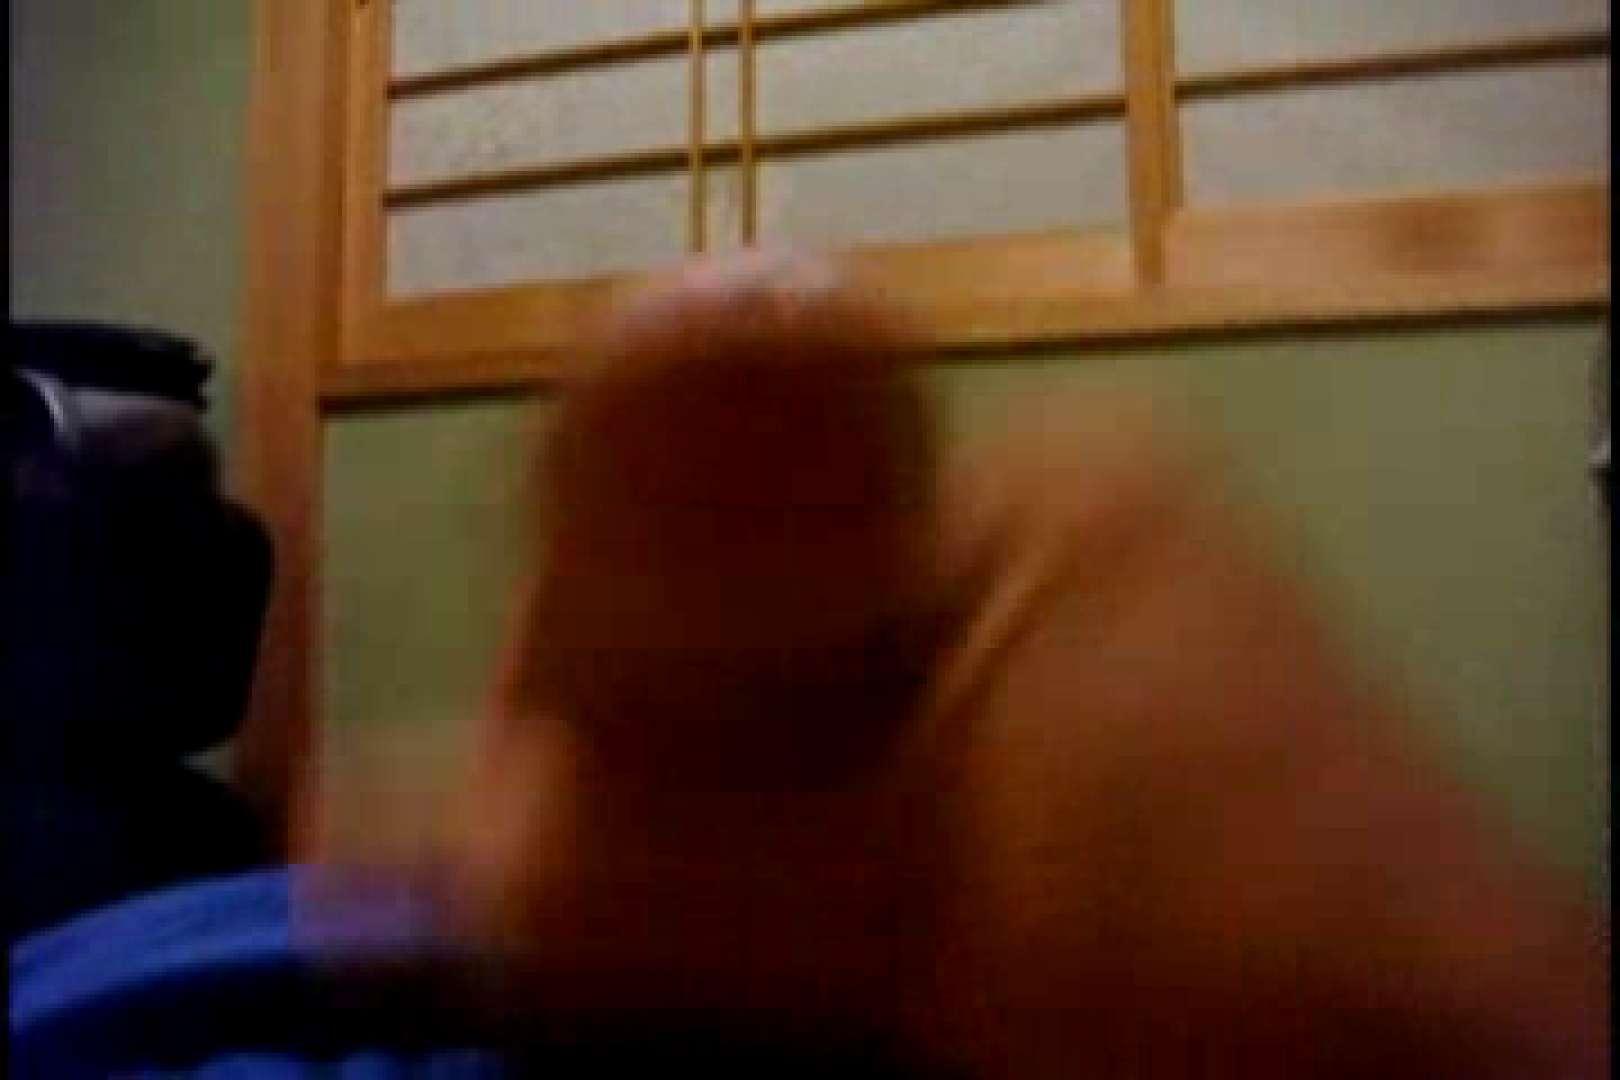 オナ好きノンケテニス部員の自画撮り投稿vol.02 流出作品 ゲイAV画像 89pic 48